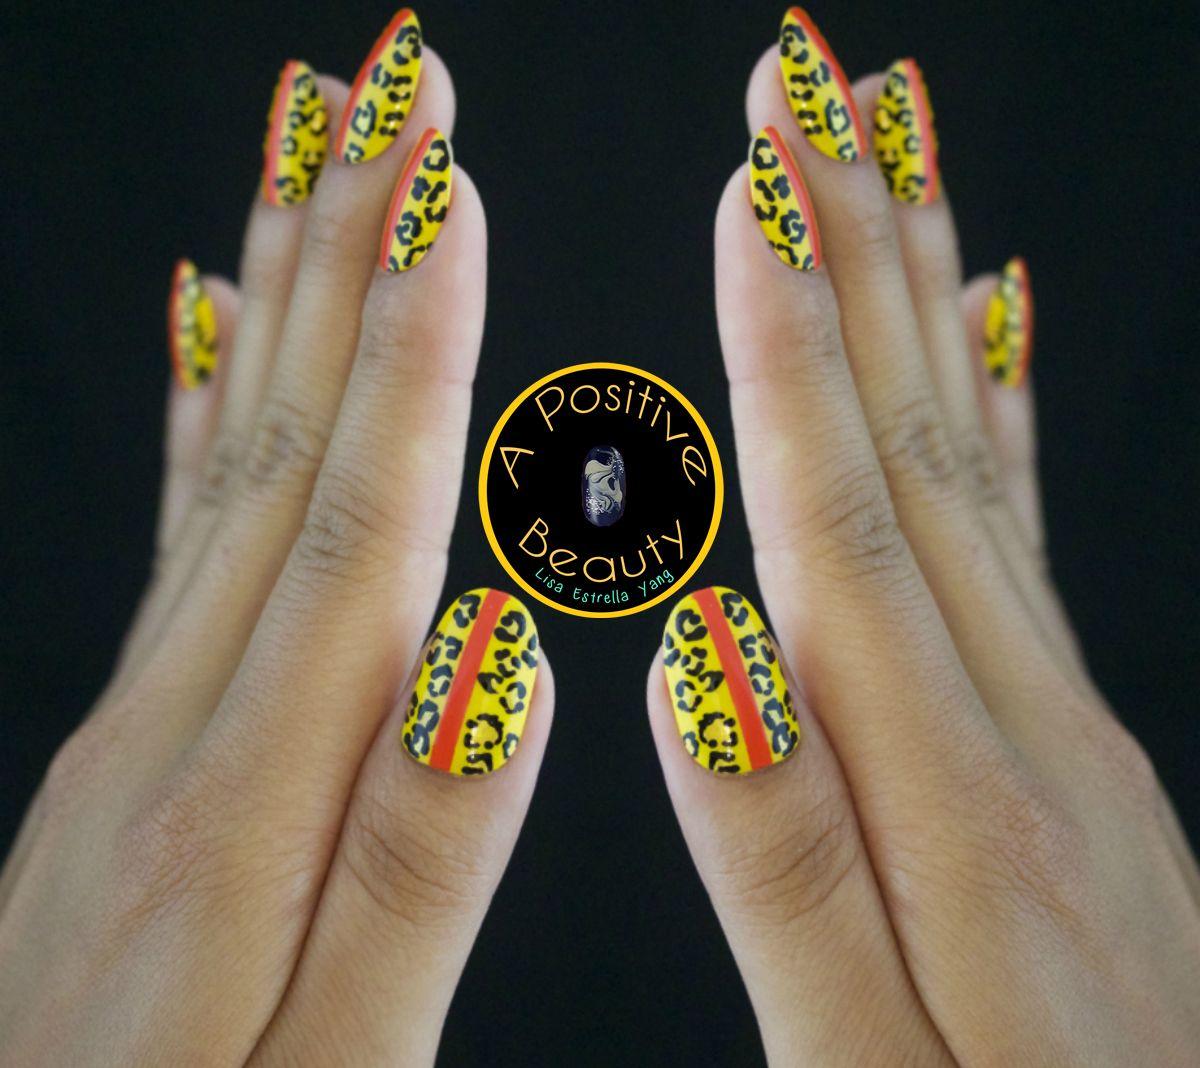 Summer leopard nails! Check out more info via A Positive Beauty nail art blog.  #nailart #leopardprint #summernails #summernailart #bblogger